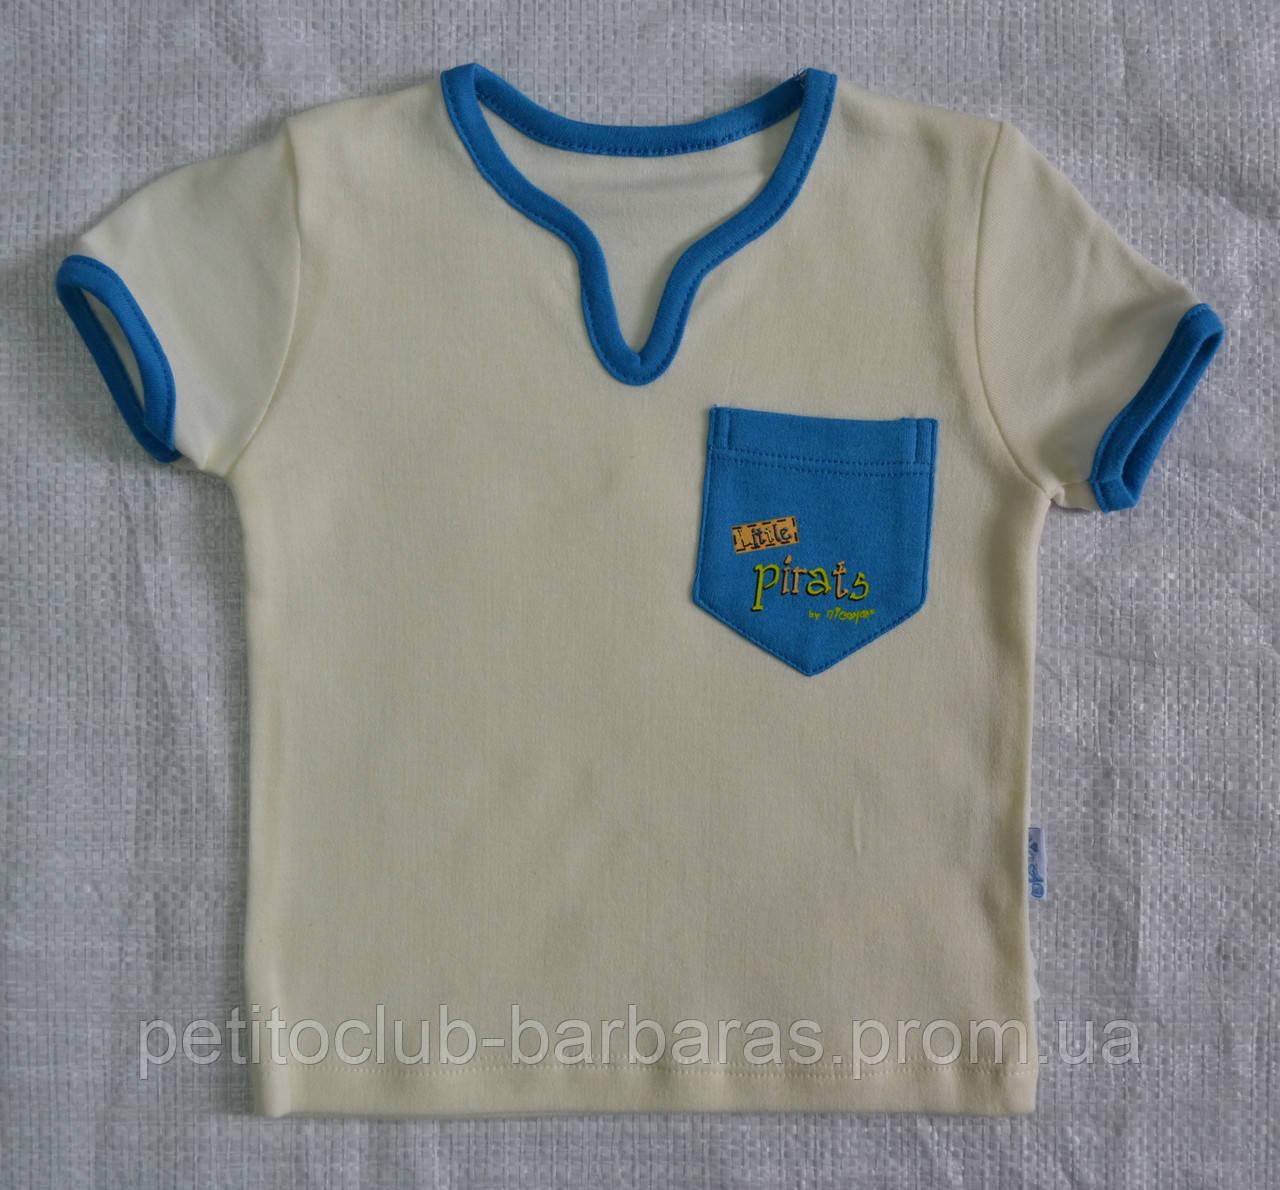 Детская хлопковая футболка Маленькие пираты кремовая (Nicol, Польша)